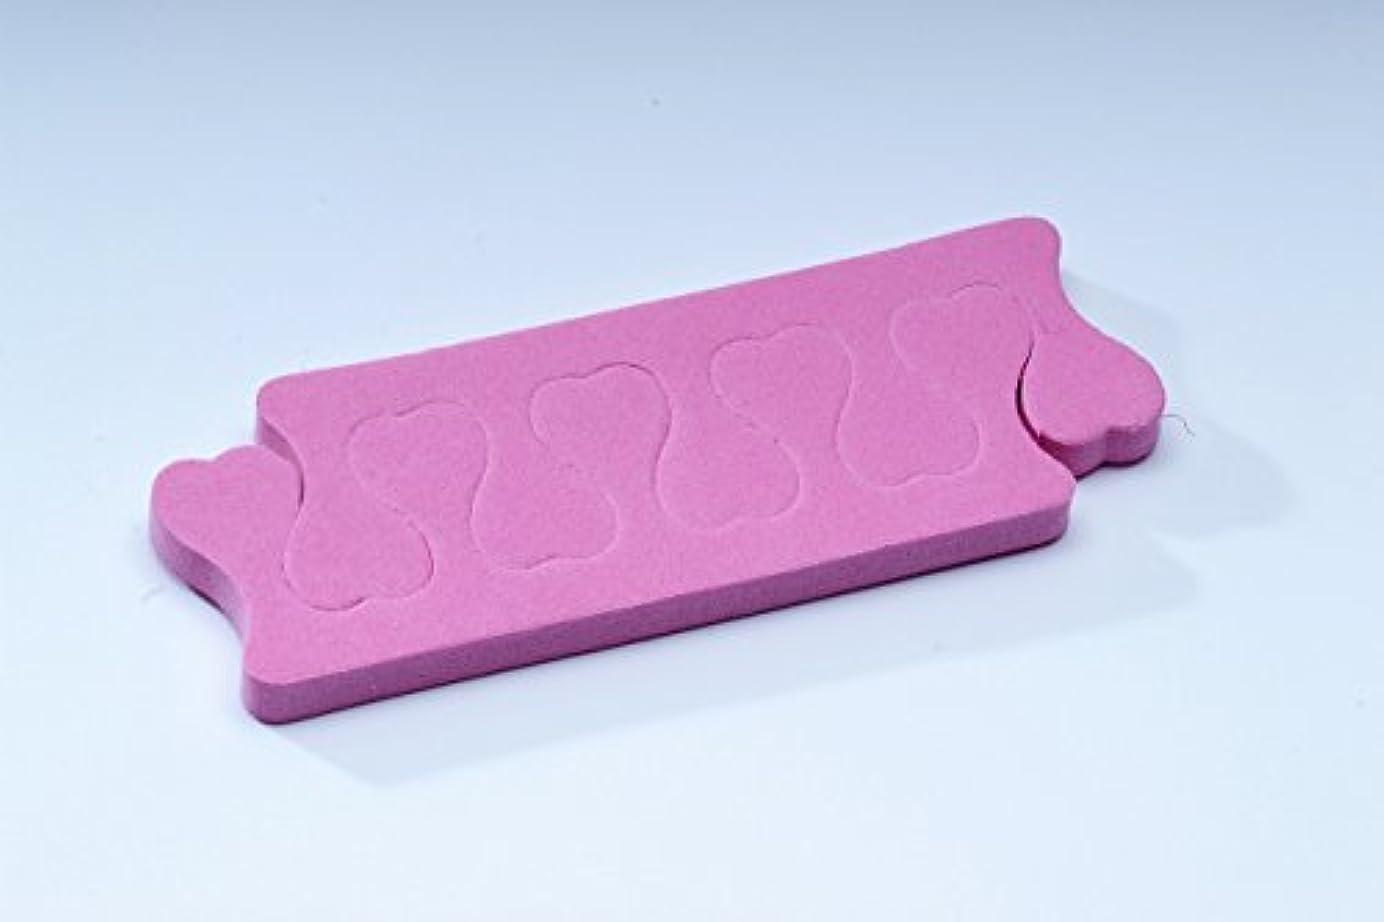 フィンガーセパレーター【ピンク】